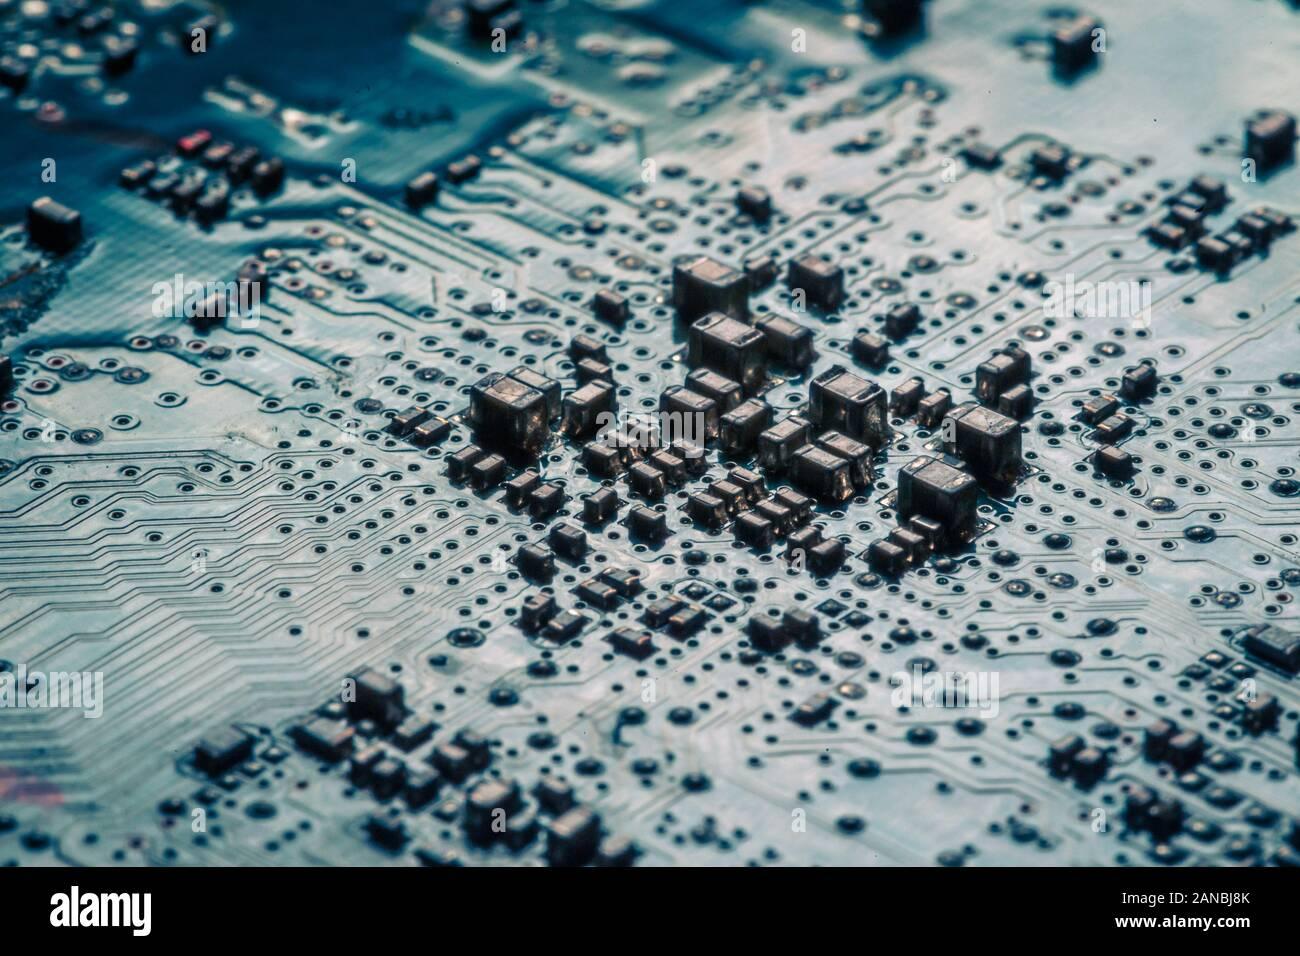 Carte électronique. Technologie électronique du matériel informatique. Puce numérique de la carte mère. Science technique. Processeur de communication intégré. CMS Banque D'Images